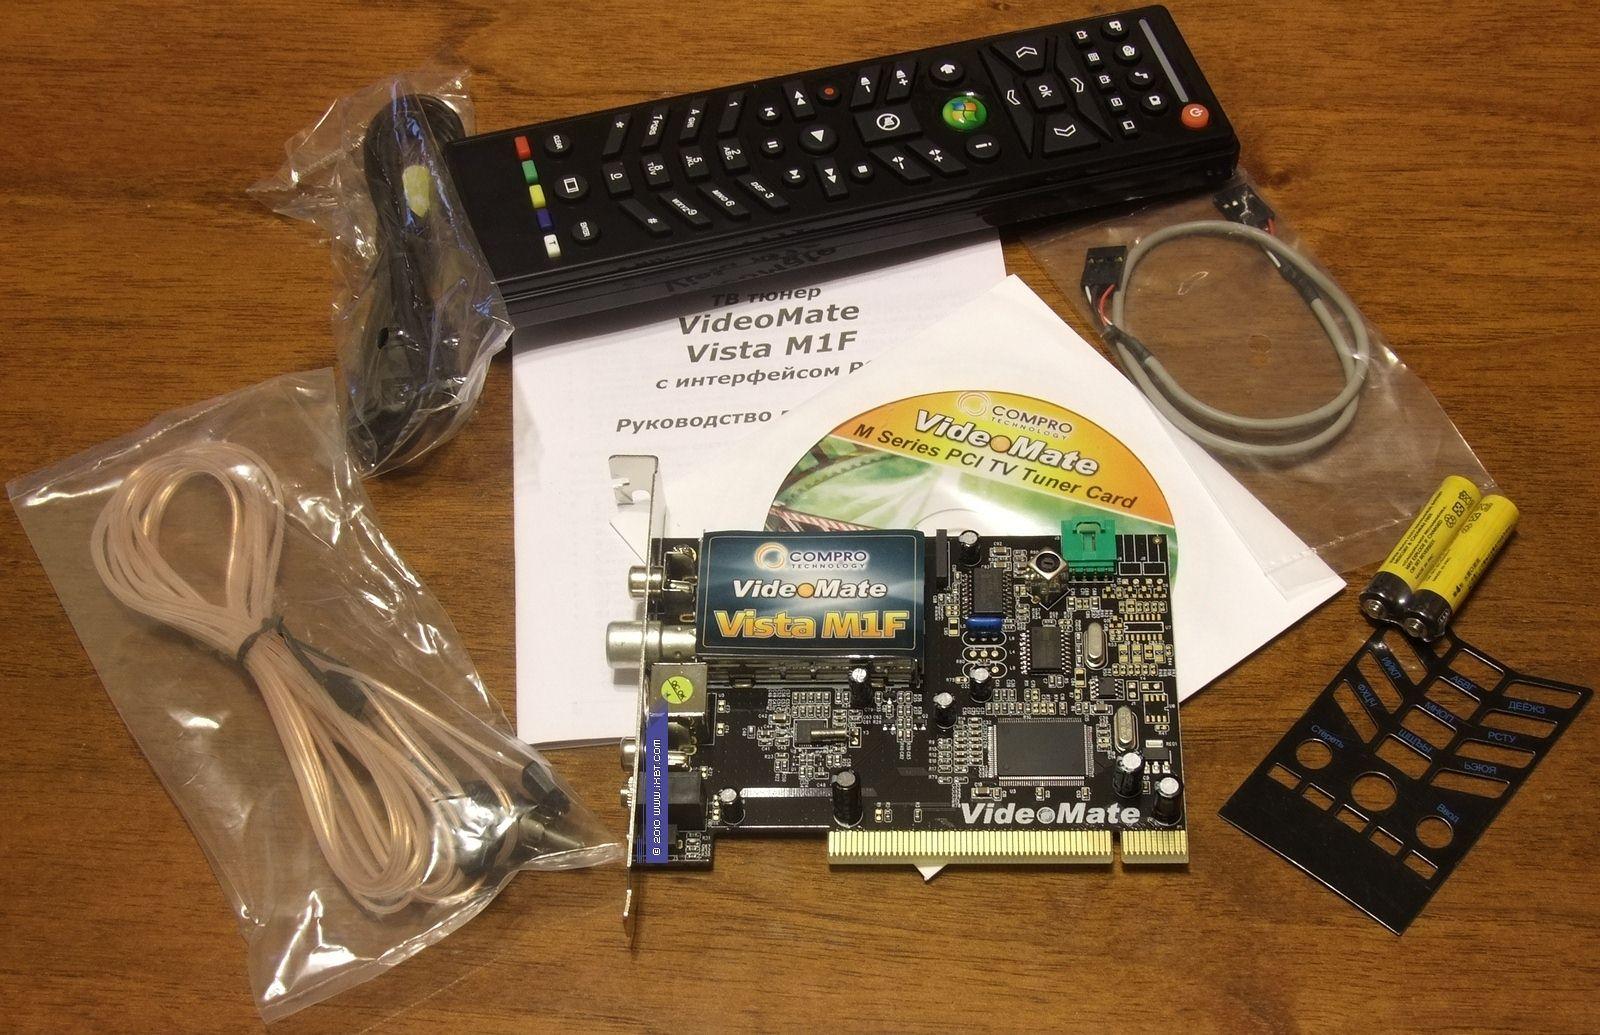 скачать драйвер videomate vista m1f